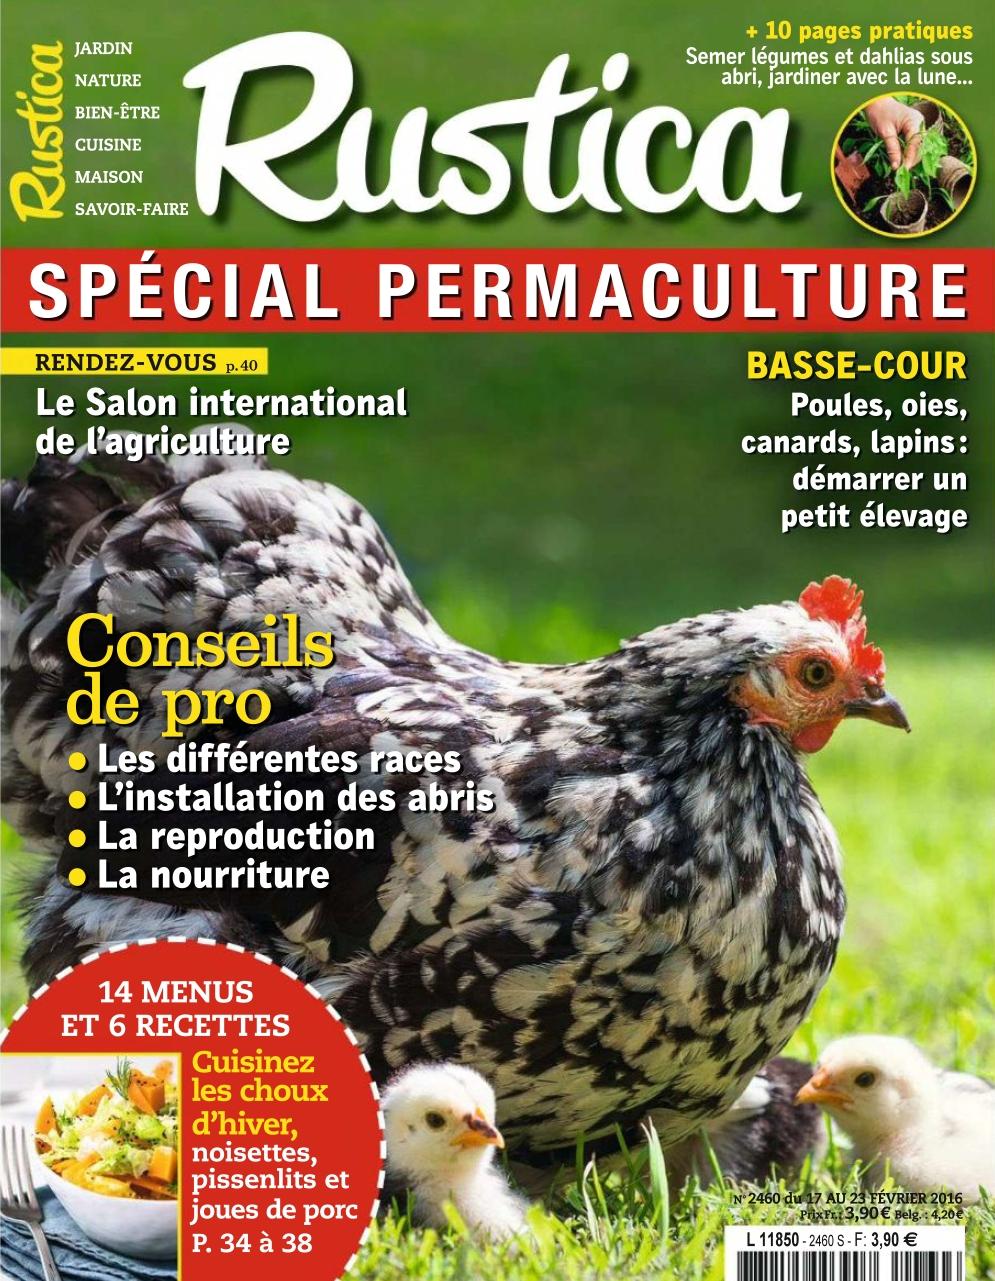 Rustica N°2460 - 17 au 23 Février 2017